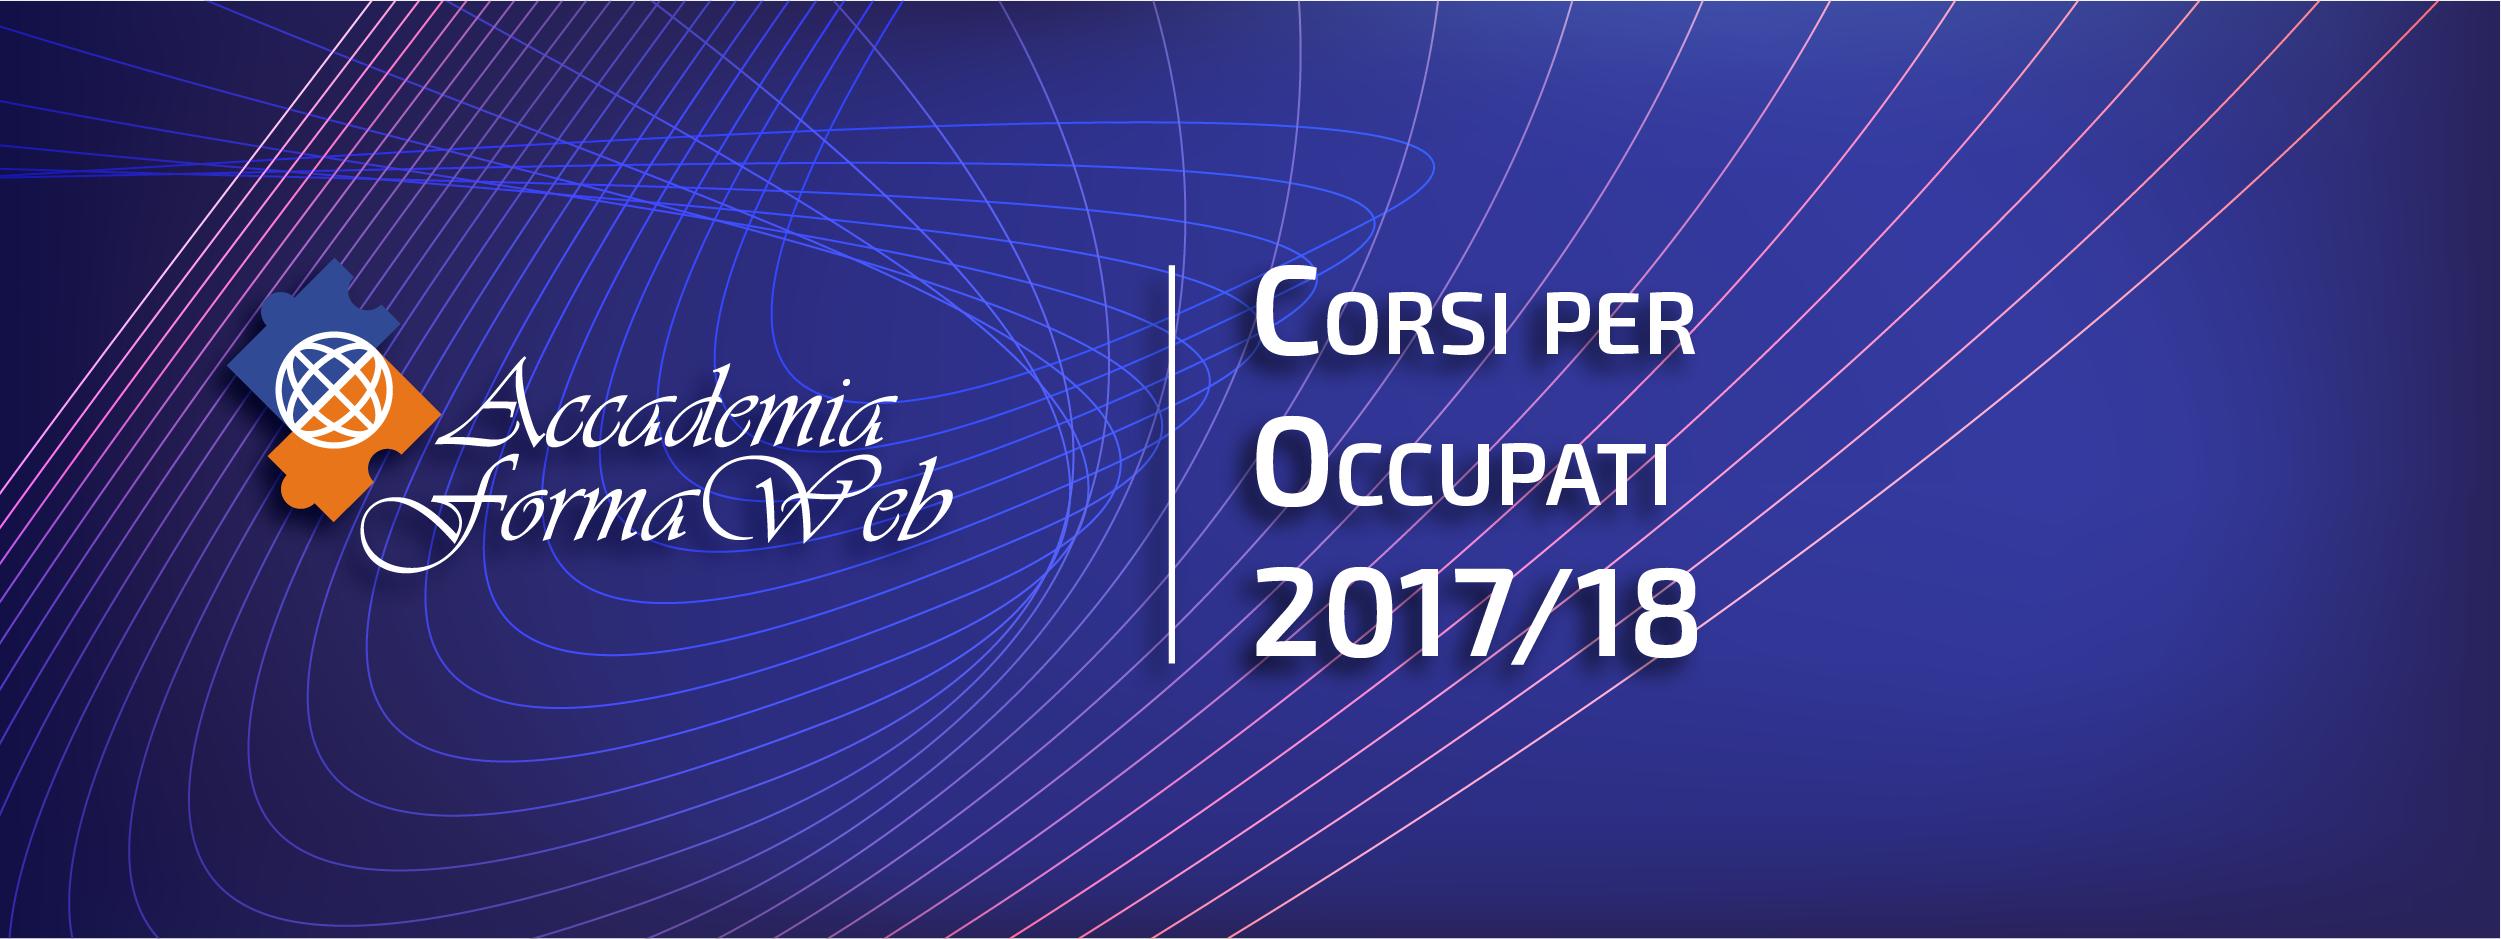 header_Corsi per lavoratori OCCUPATI - Accademia Formaweb